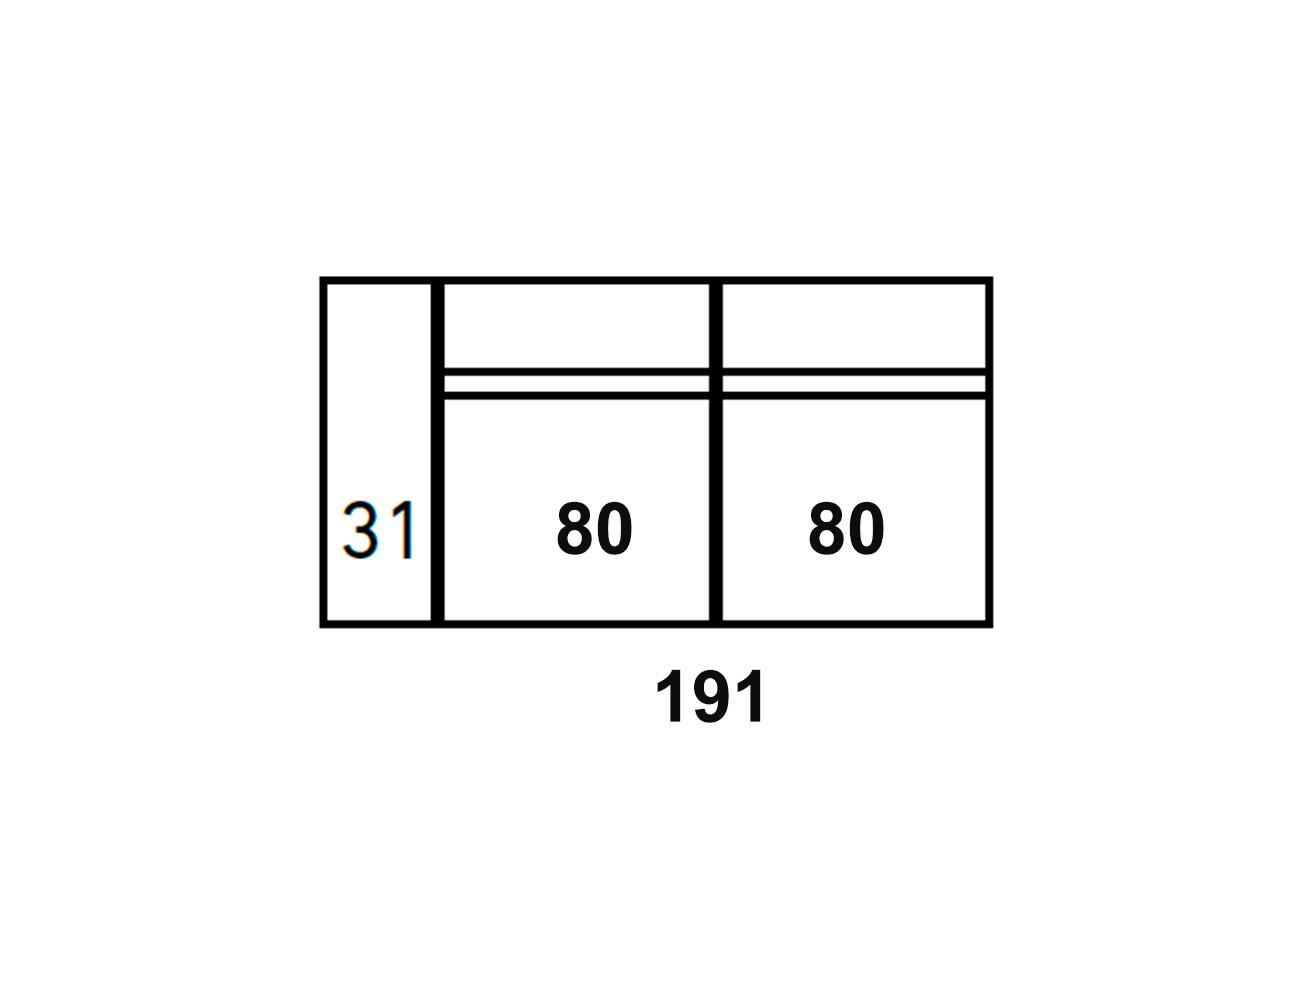 Modulo 3p 191